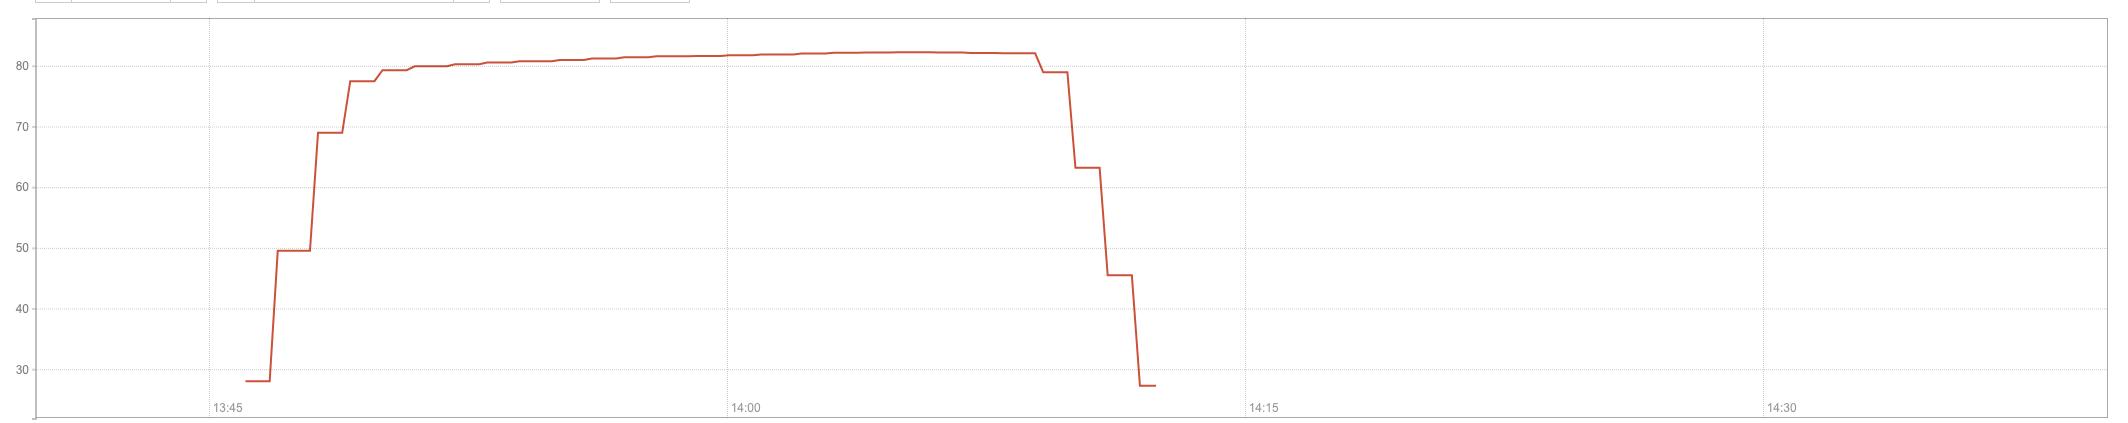 Потери трафика на одной из точек доступа, использующих Cloudflare (и не только из-за DDoS!)